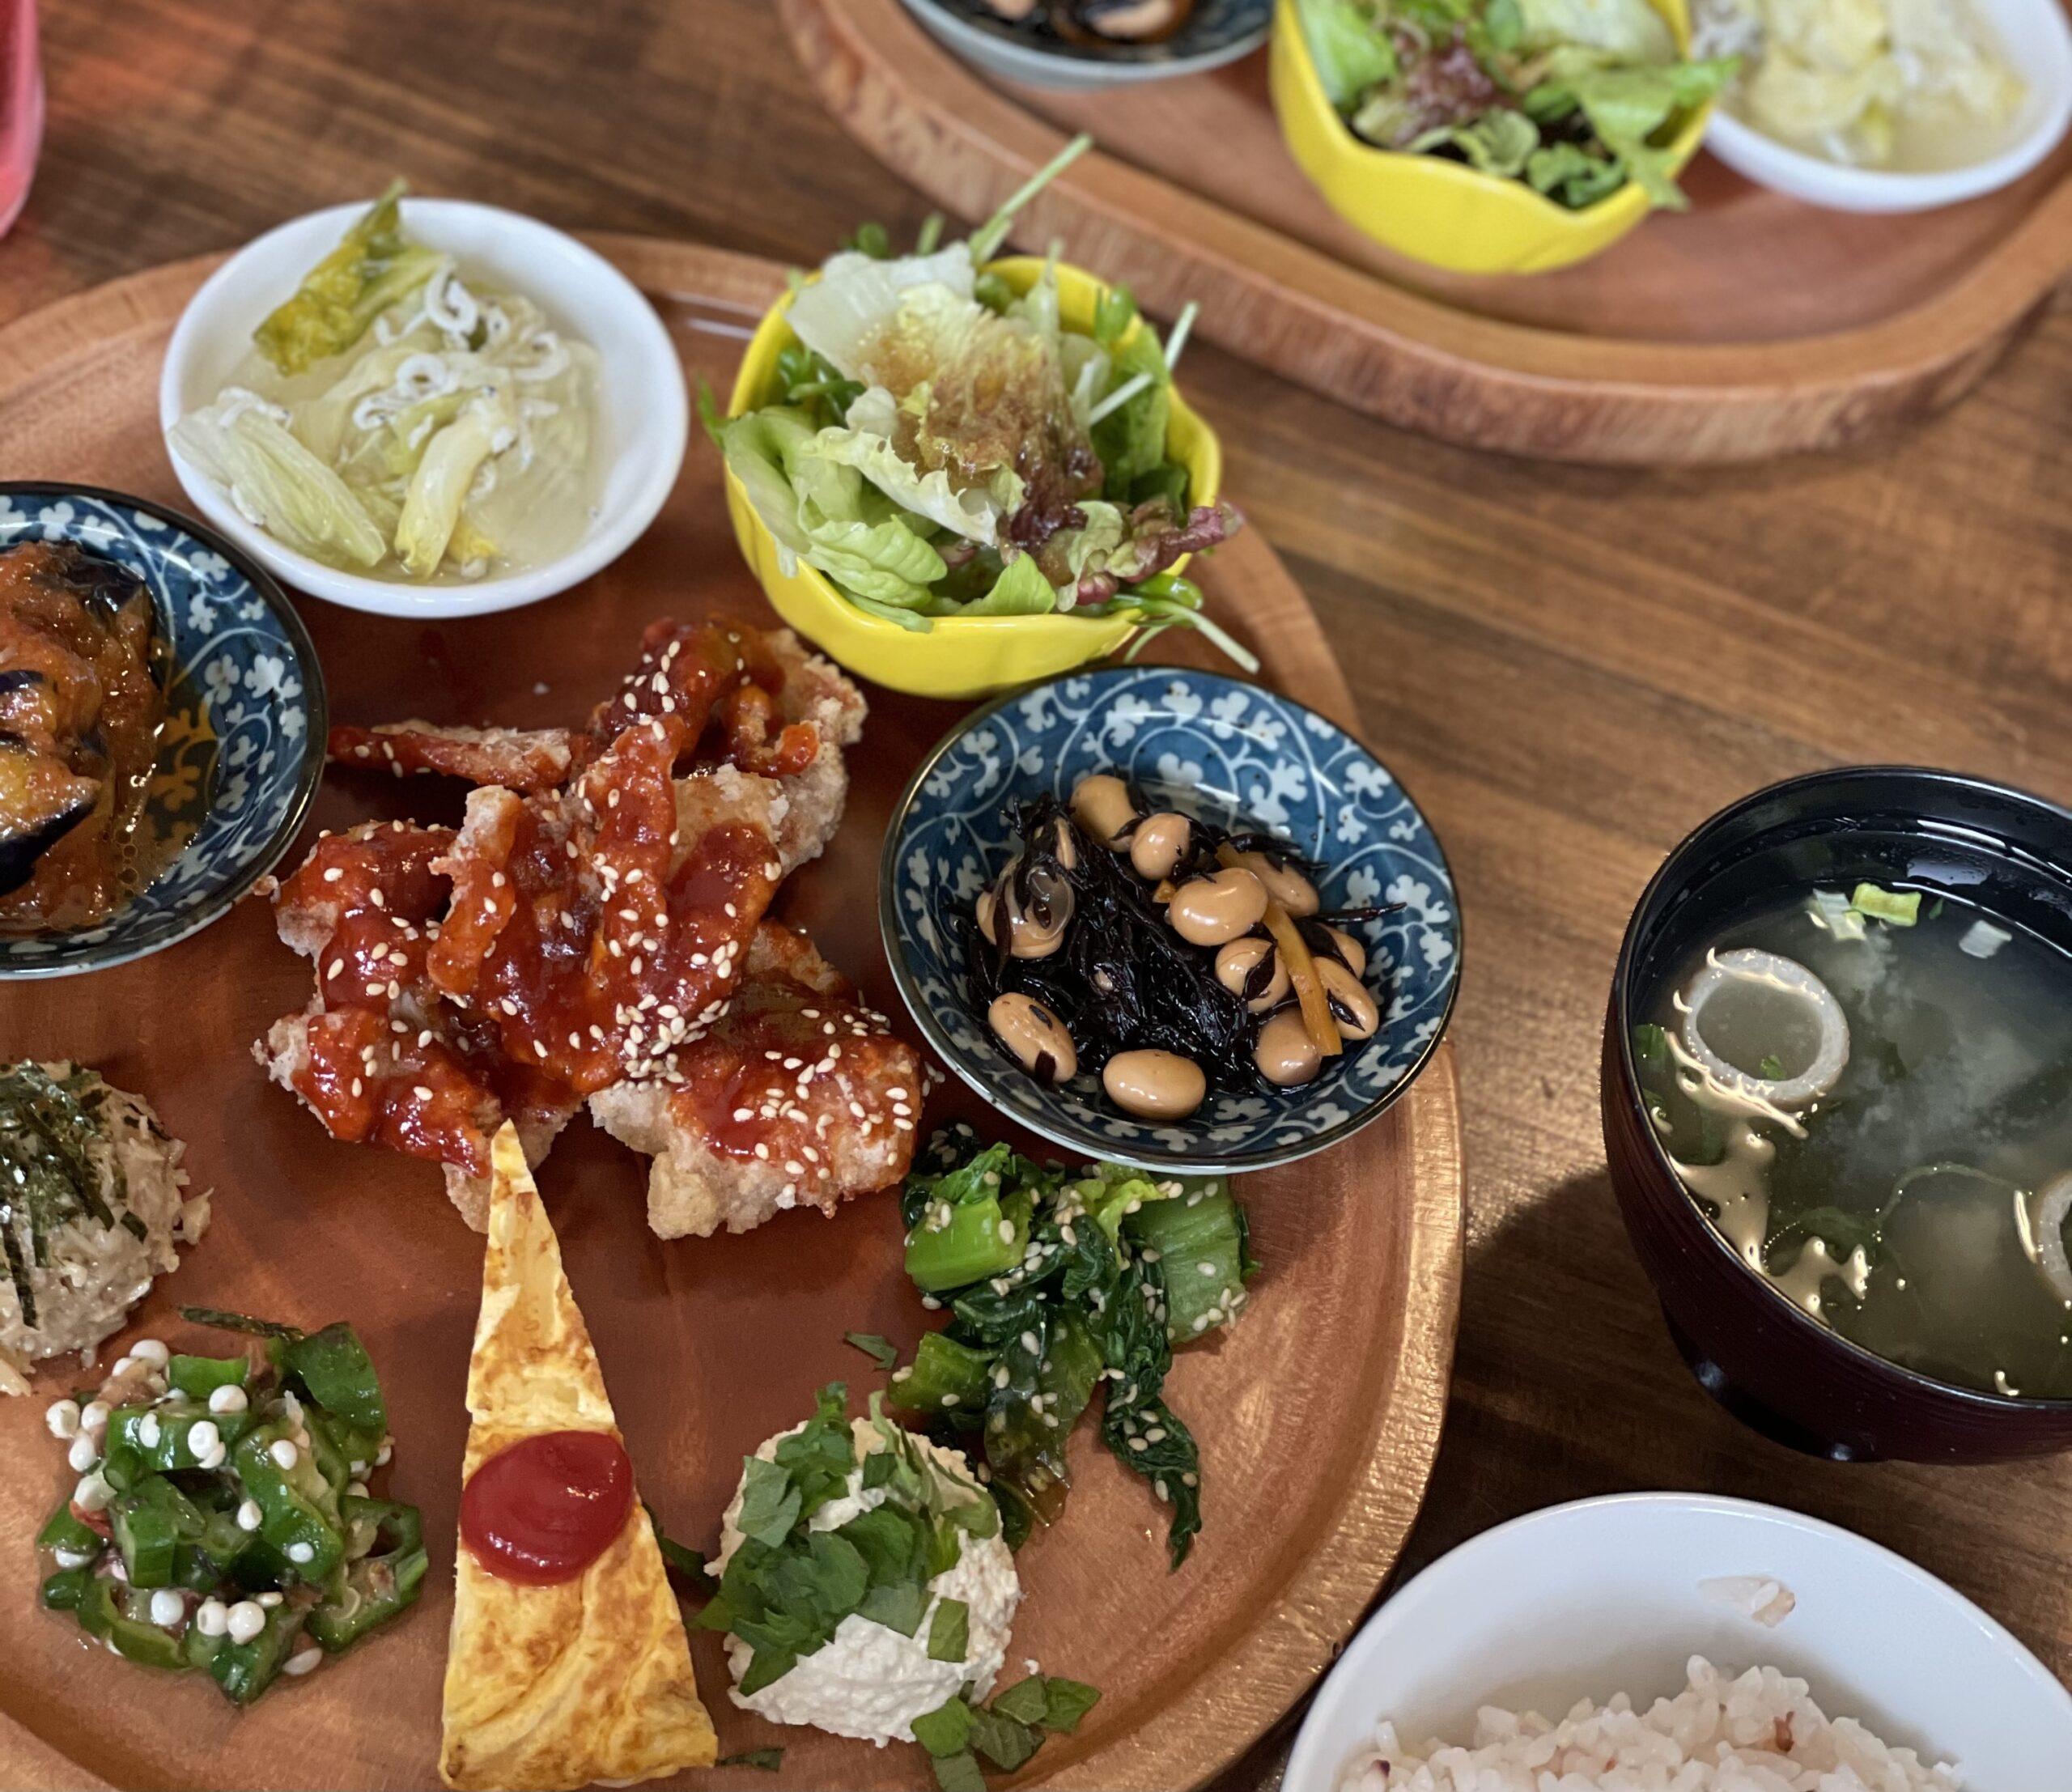 松山市三津浜のレトロ古民家cafe「太陽と月」で「彩り満点太陽プレート」を食べてきたよ!